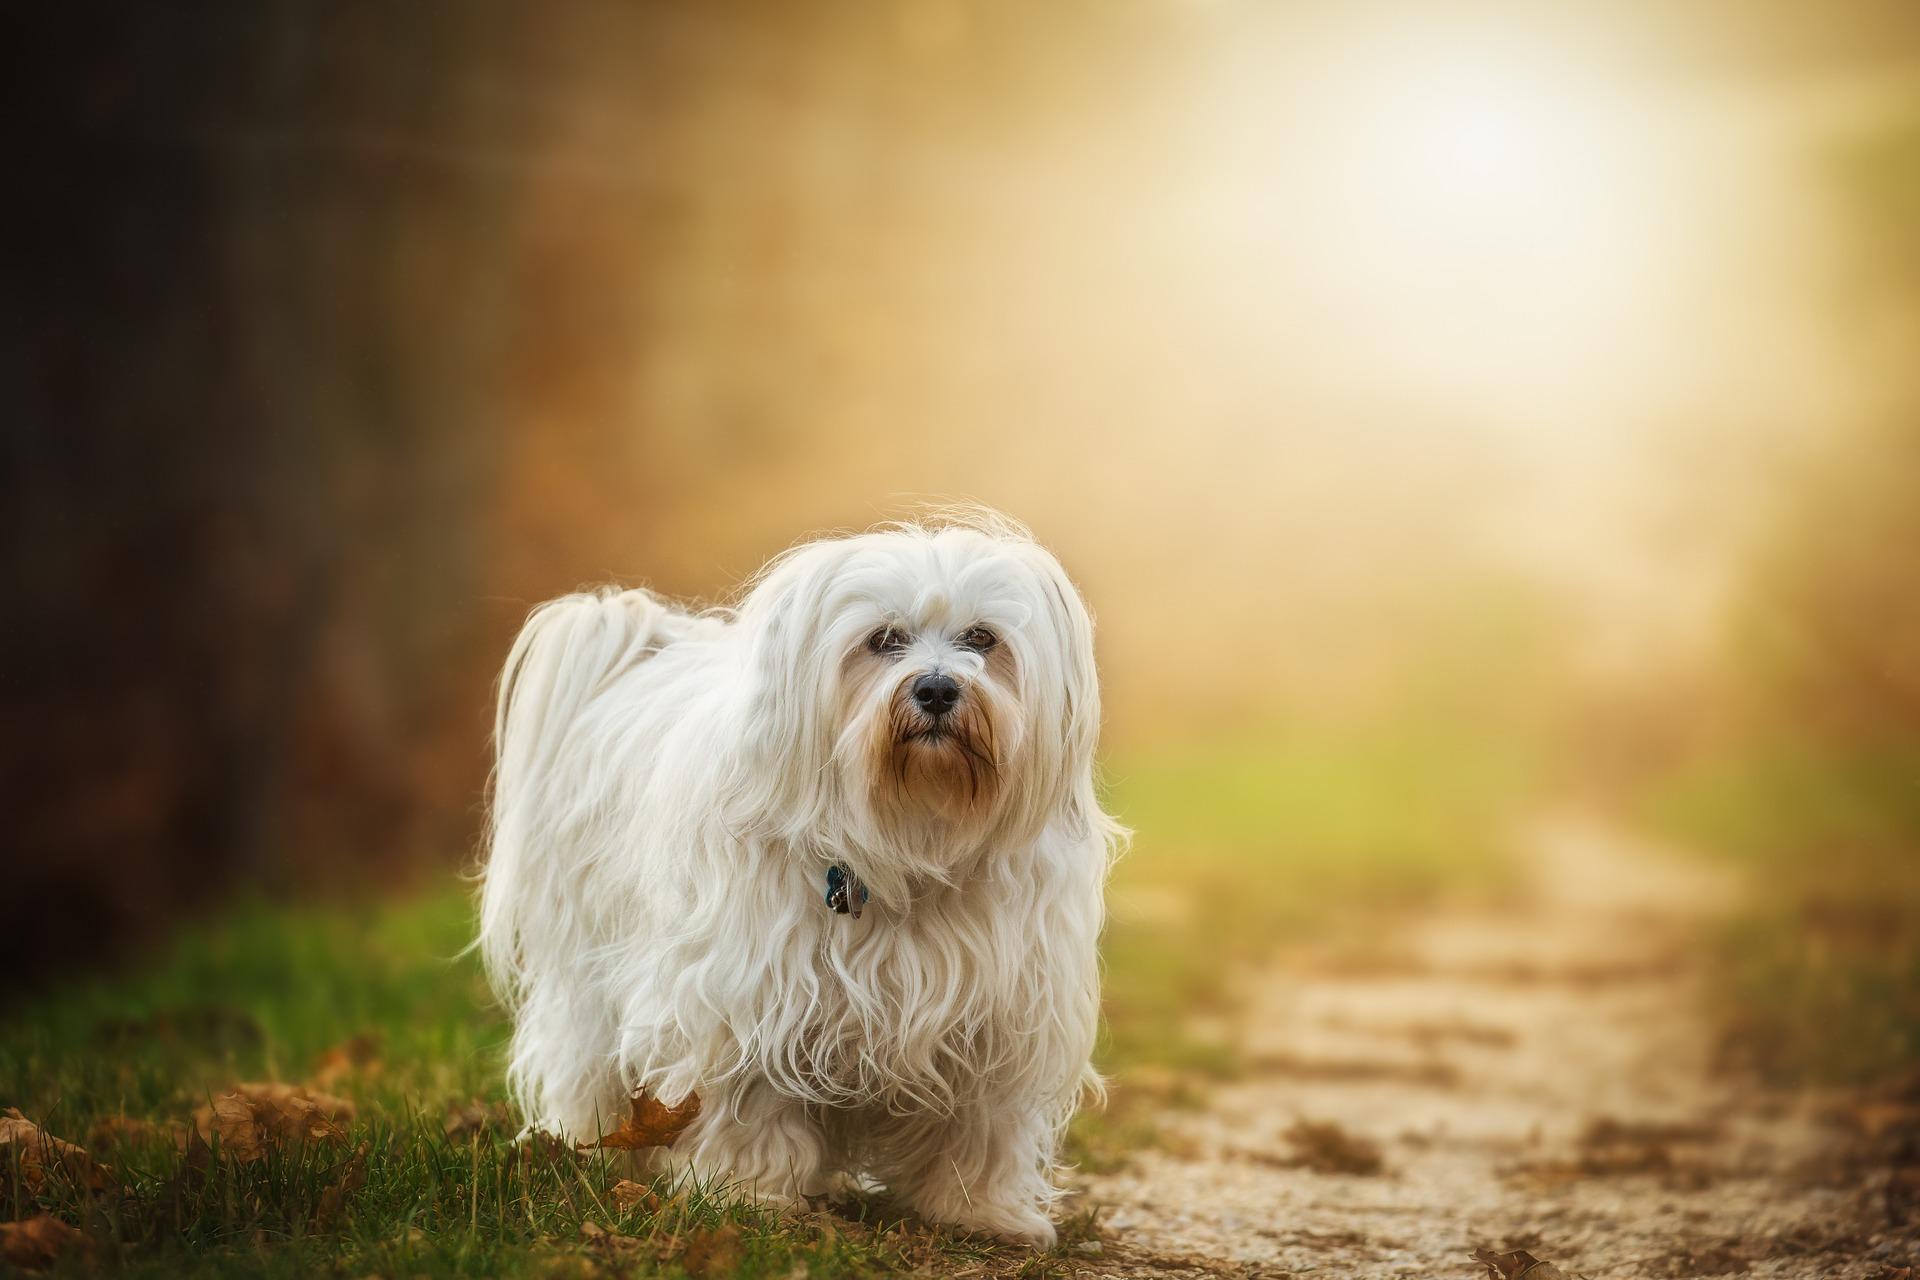 dog-1134492_1920